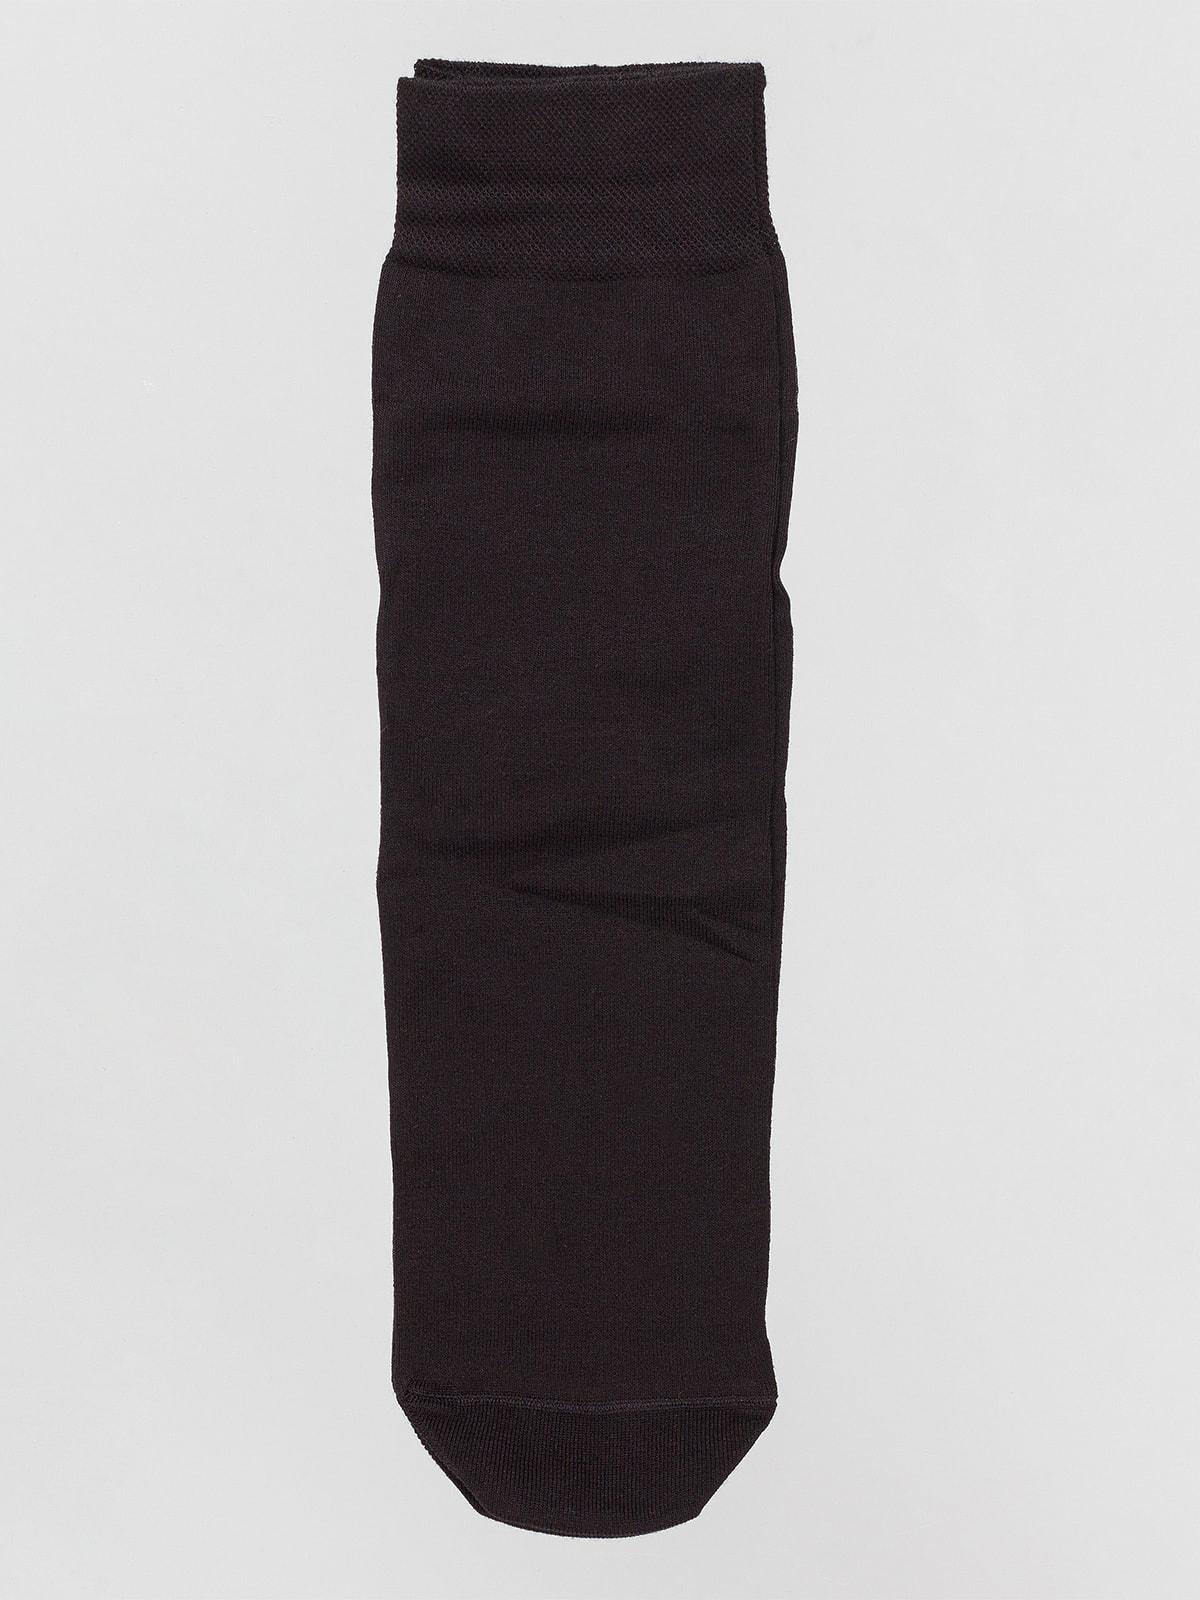 Набор носков (7 пар) | 4451148 | фото 3